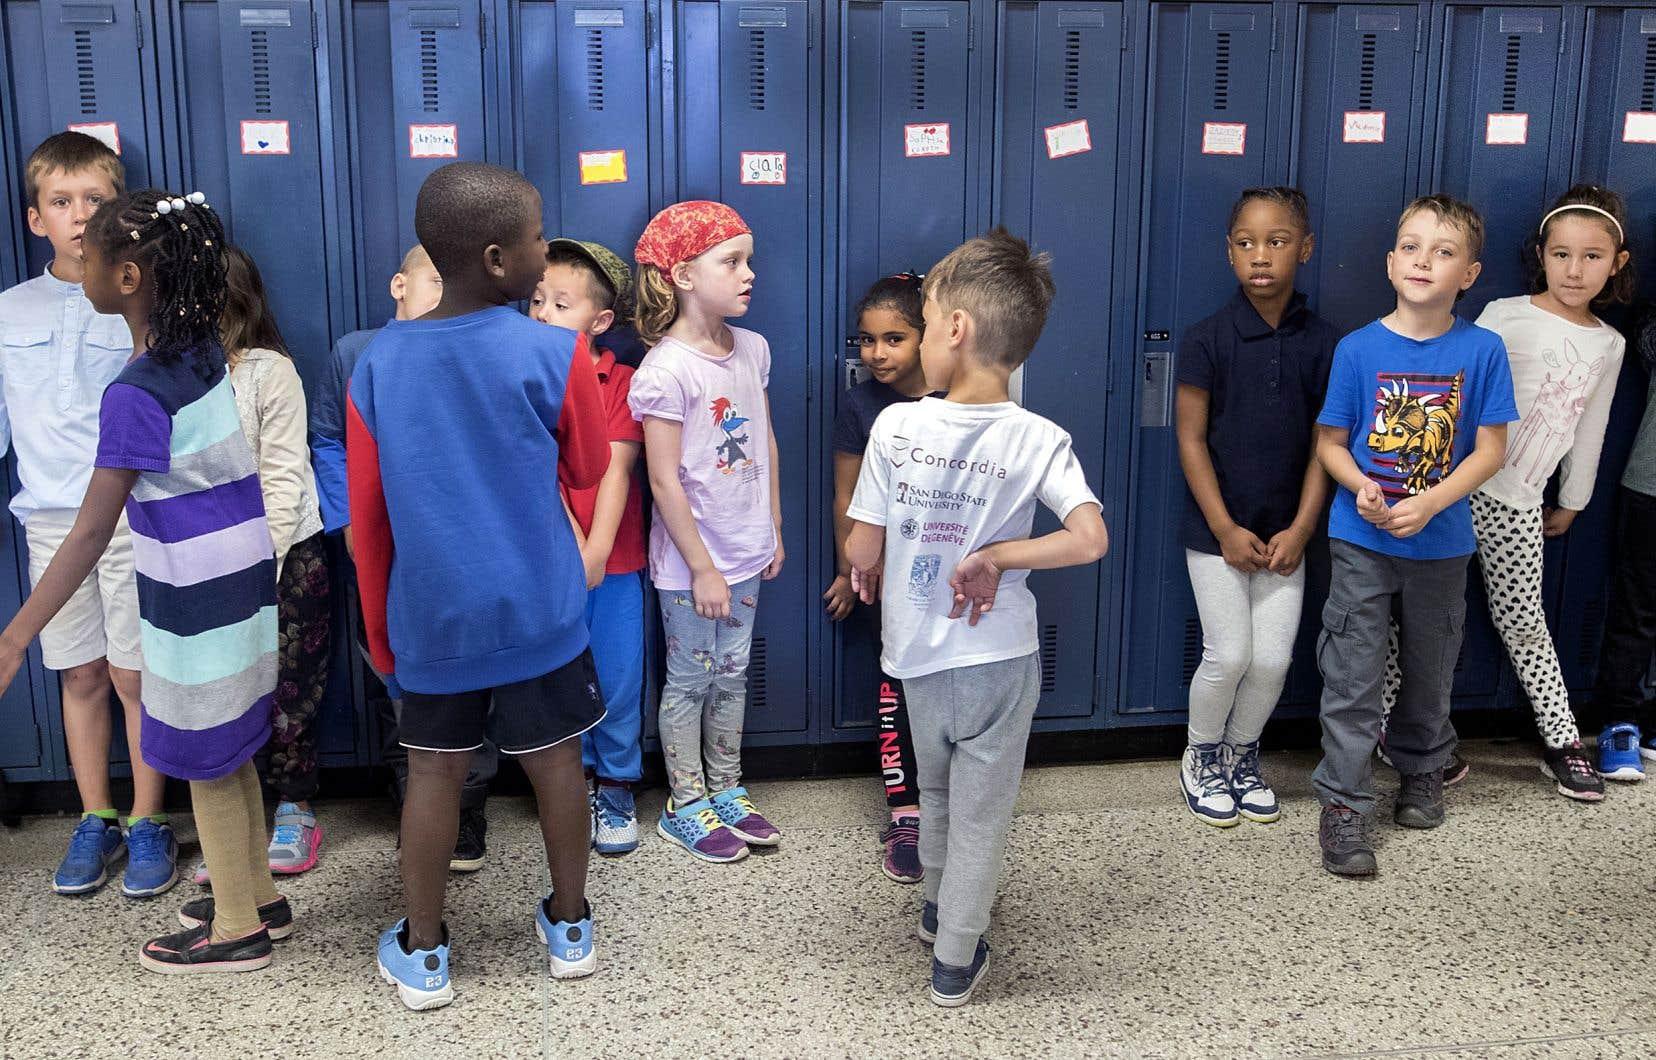 Le nombre d'élèves explose, les écoles débordent et il manque de candidats pour pourvoir tous les postes d'enseignant affichés.